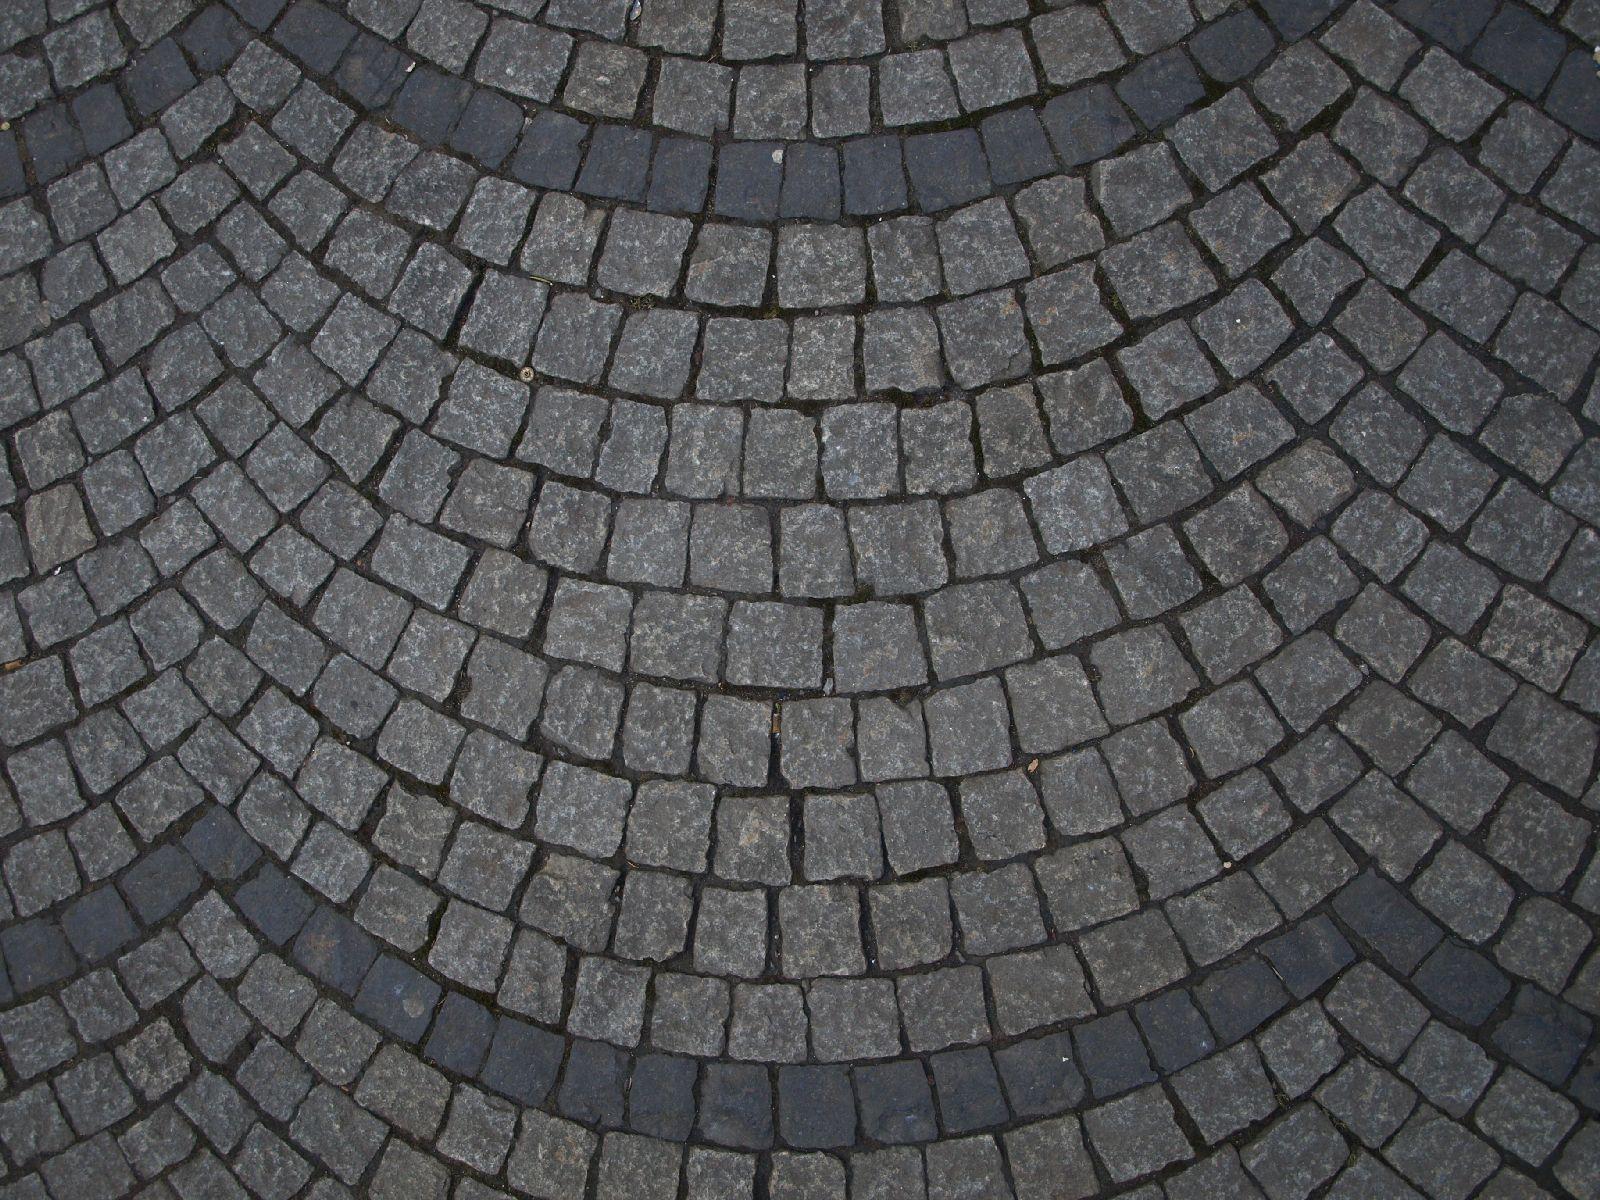 Boden-Gehweg-Strasse-Buergersteig-Textur_A_P1179321